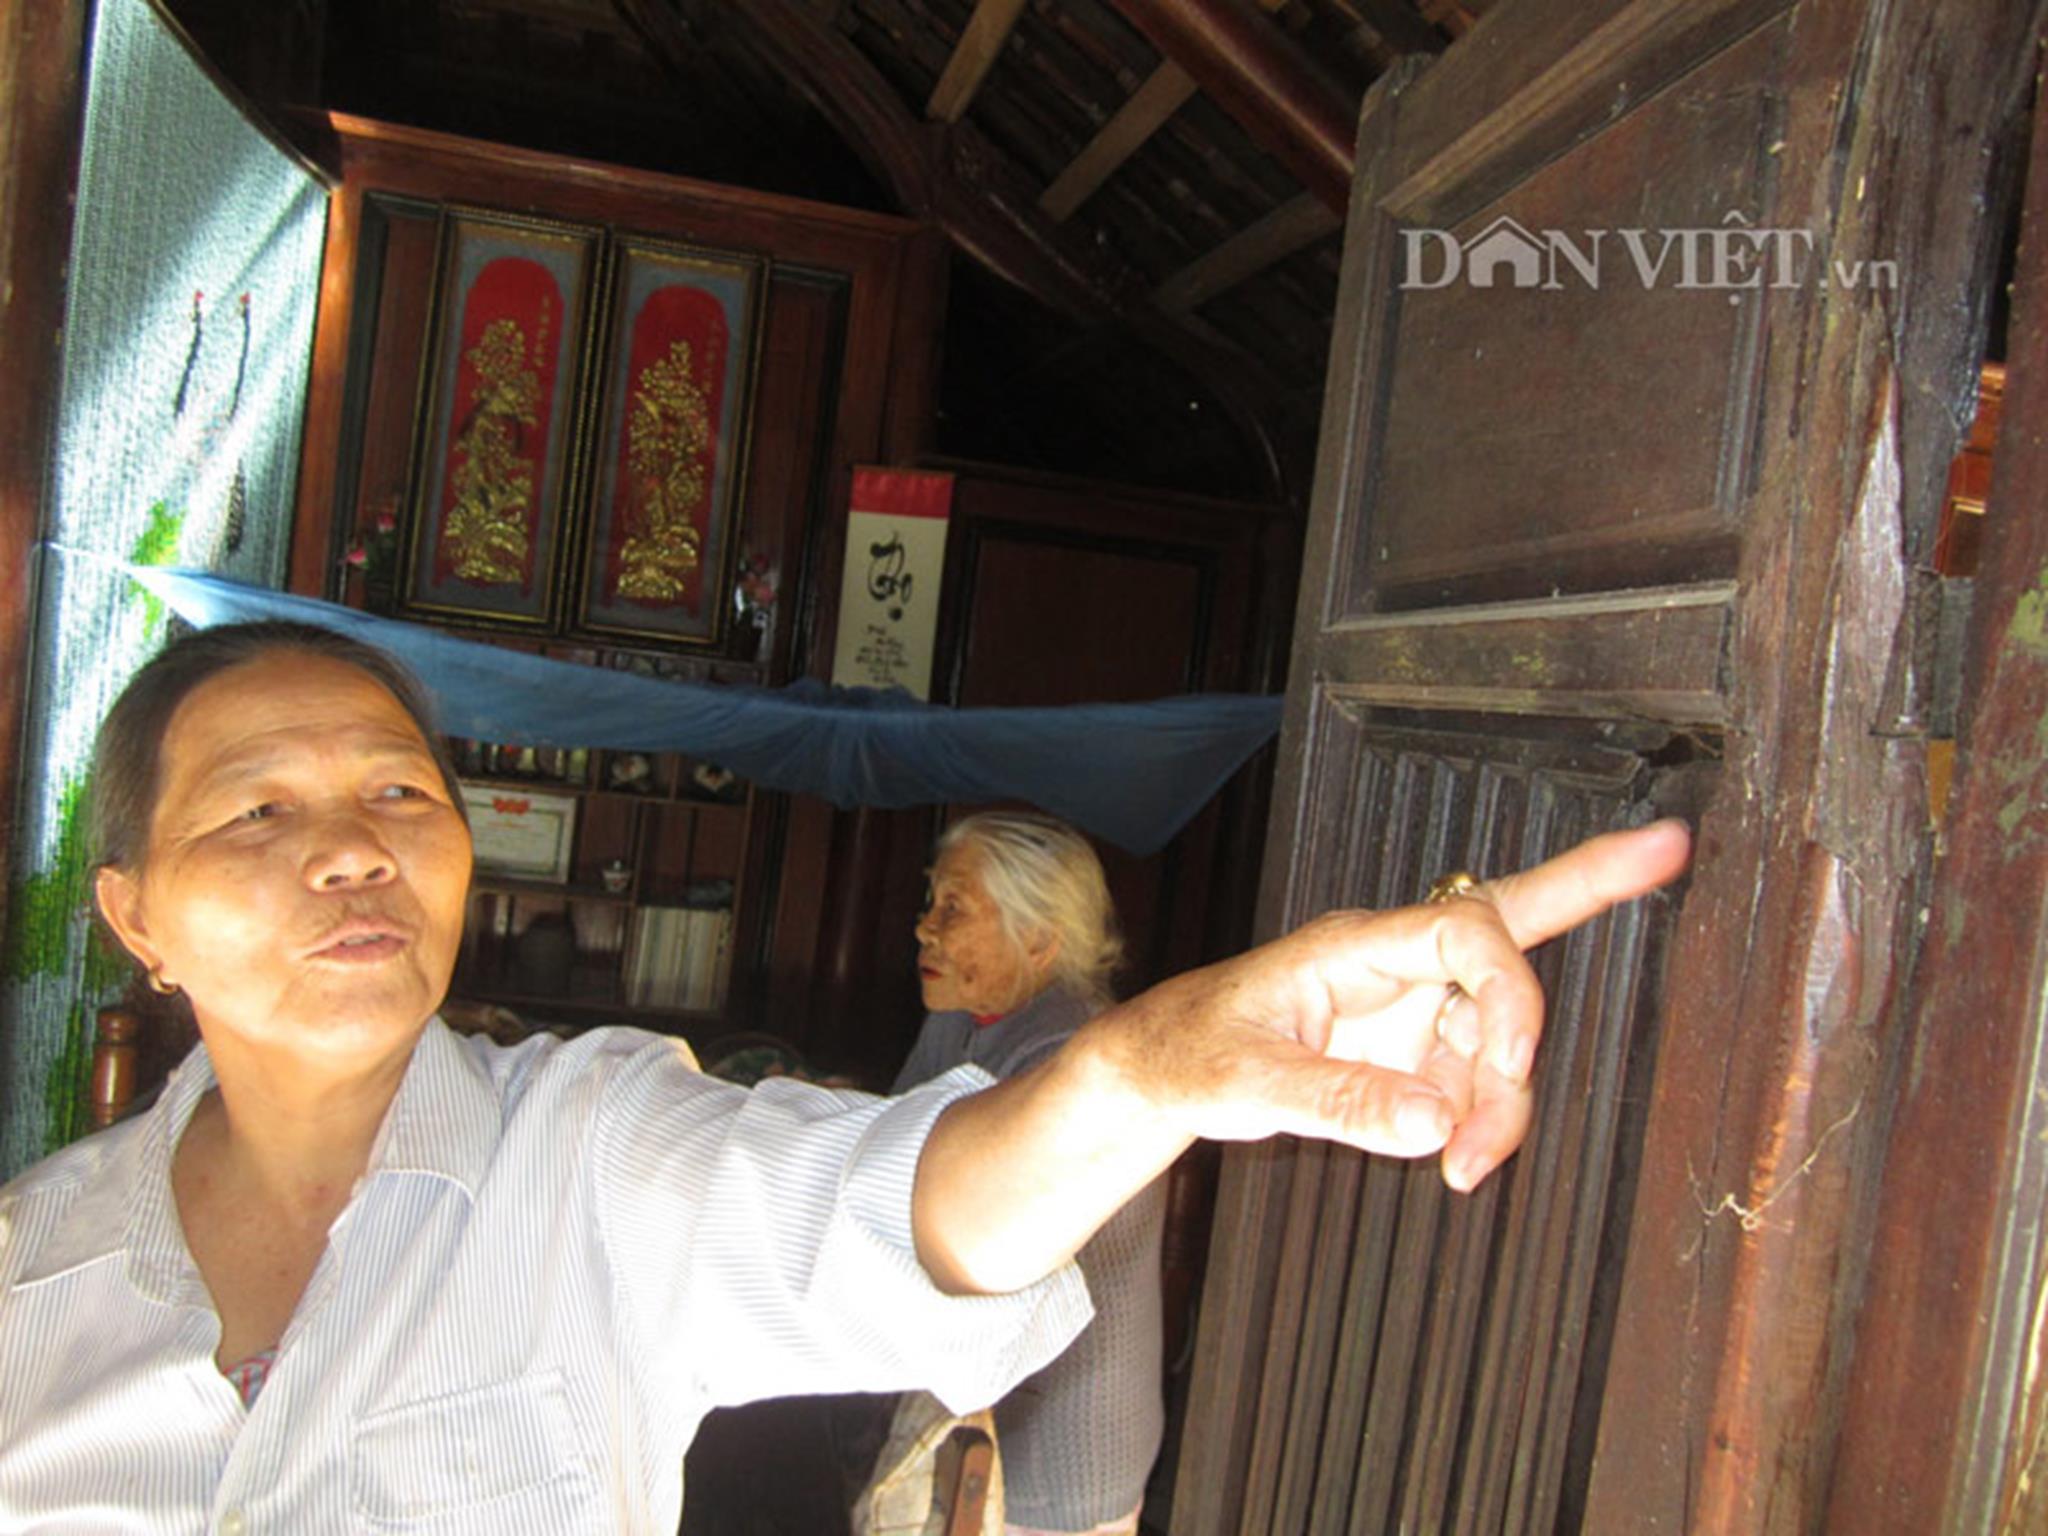 Cánh cửa ngôi nhà rường của bà Dương Thị Hường có nhiều vết đạn bắn thời chiến tranh.